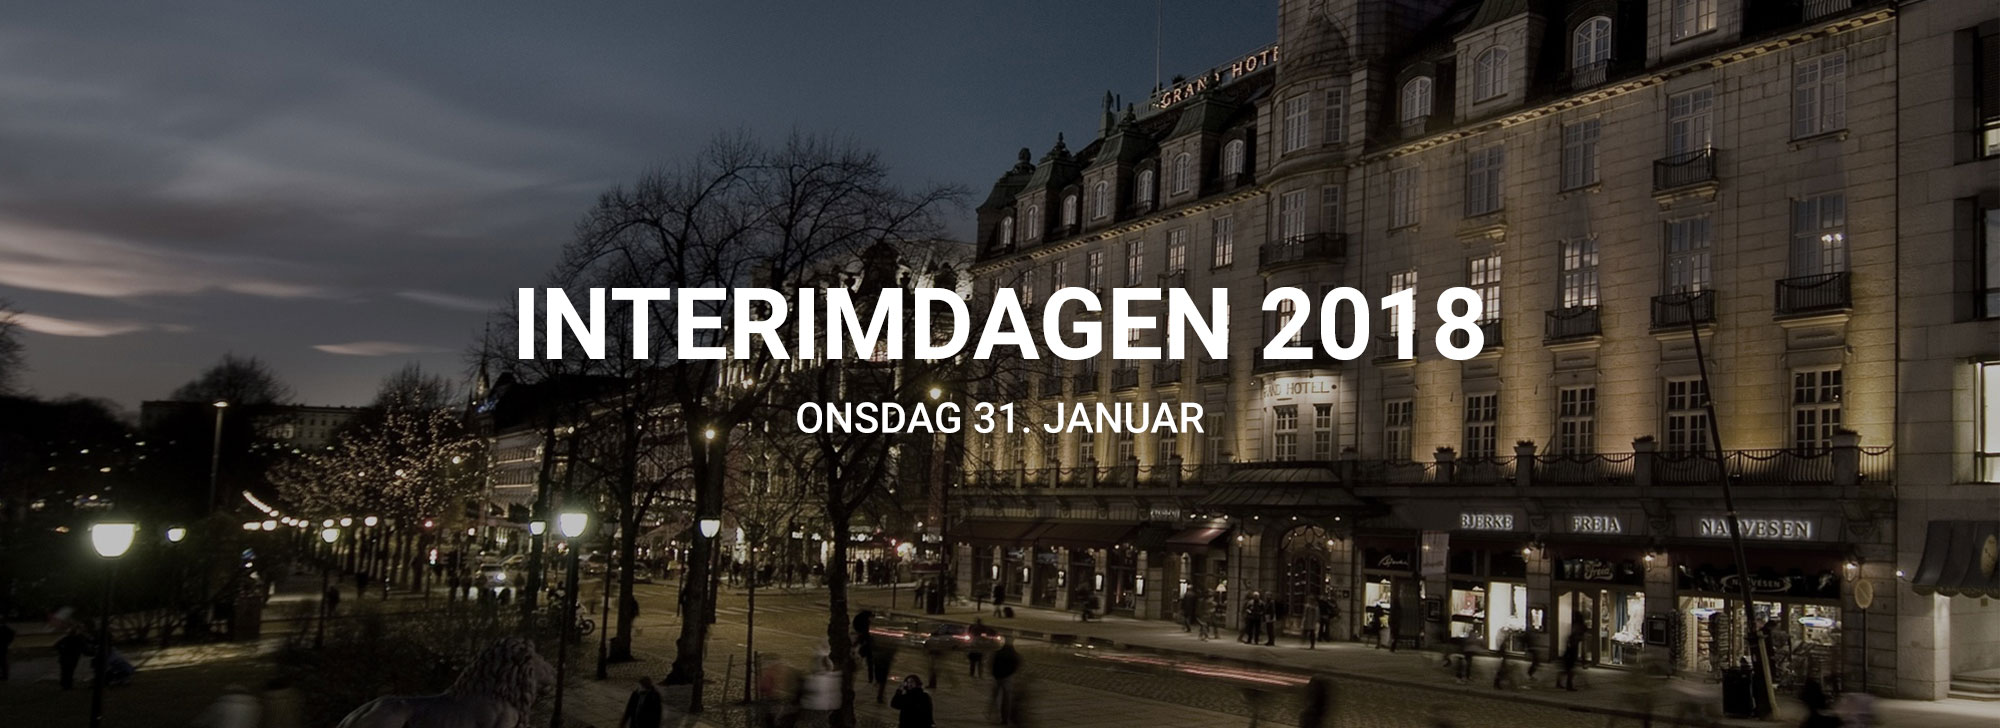 interimdagen_2018_bilde_med_tekst.jpg